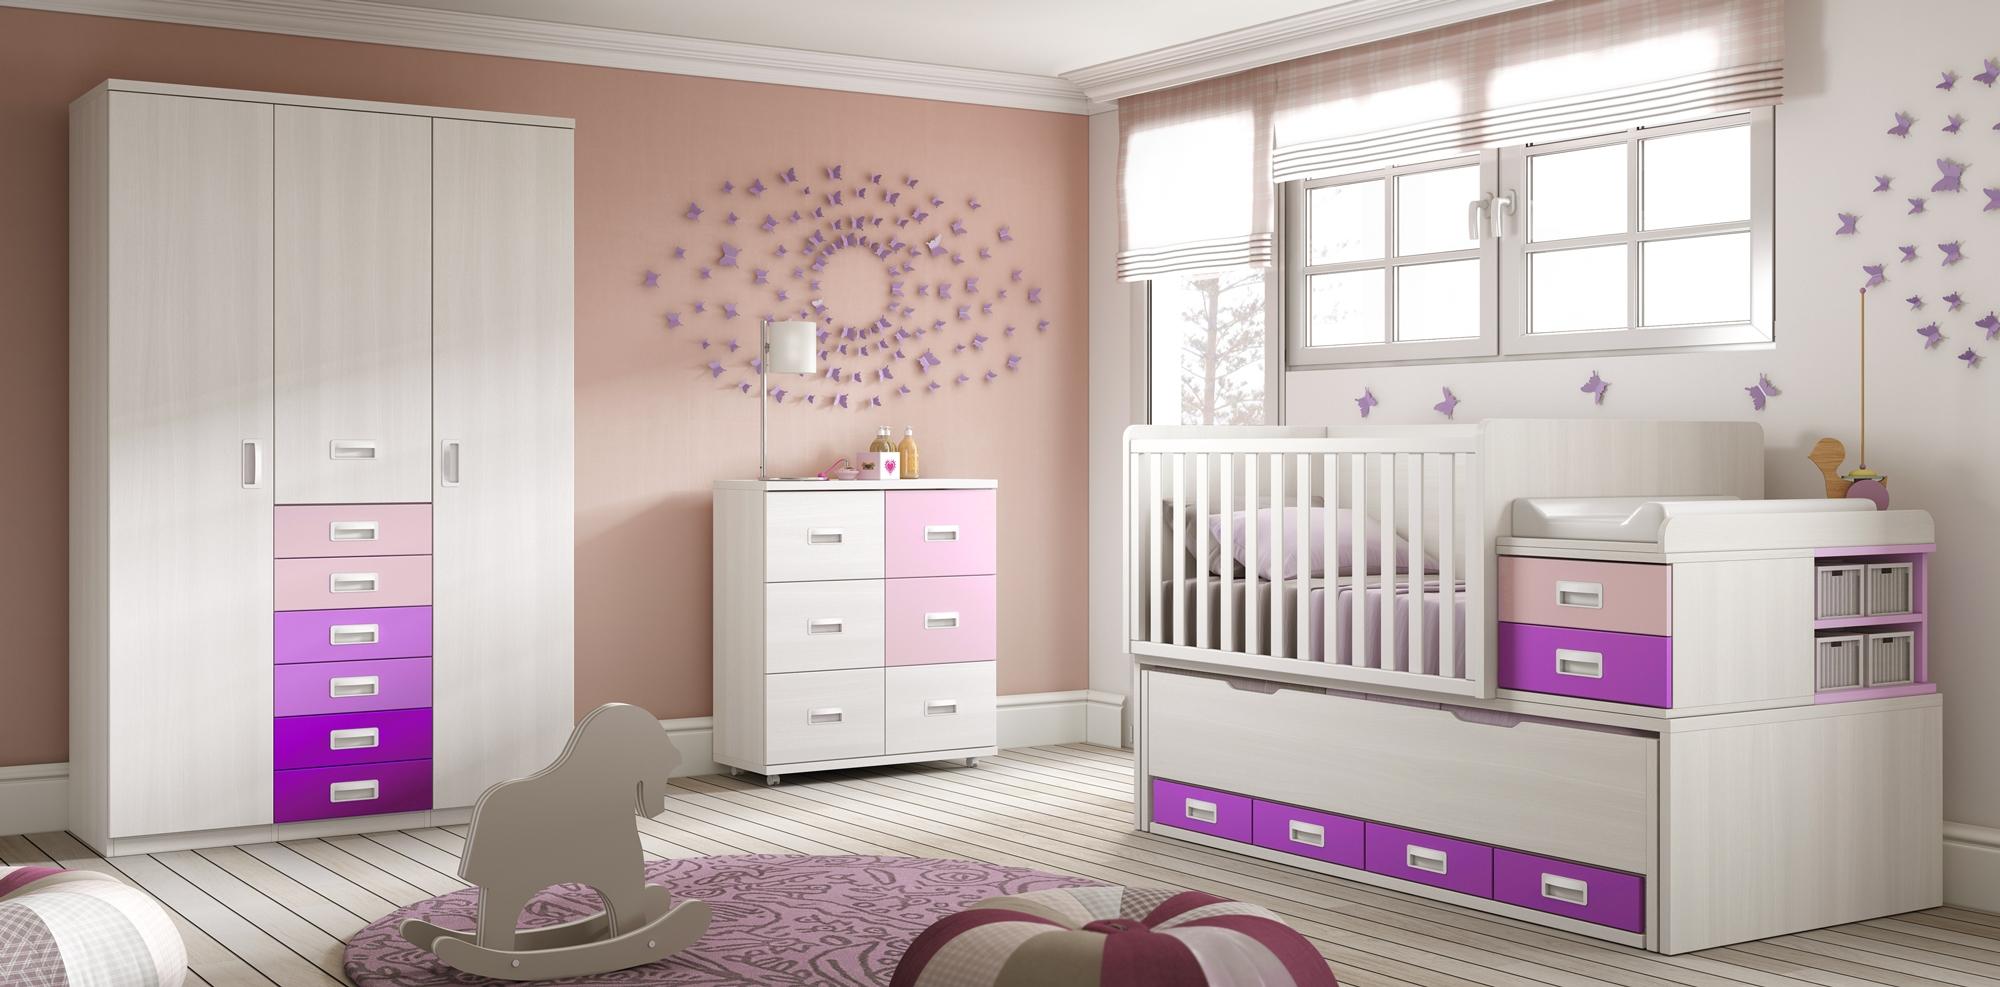 Lit pour b b volutif sur lev bc30 avec armoire glicerio so nuit - Chambre complete de bebe ...